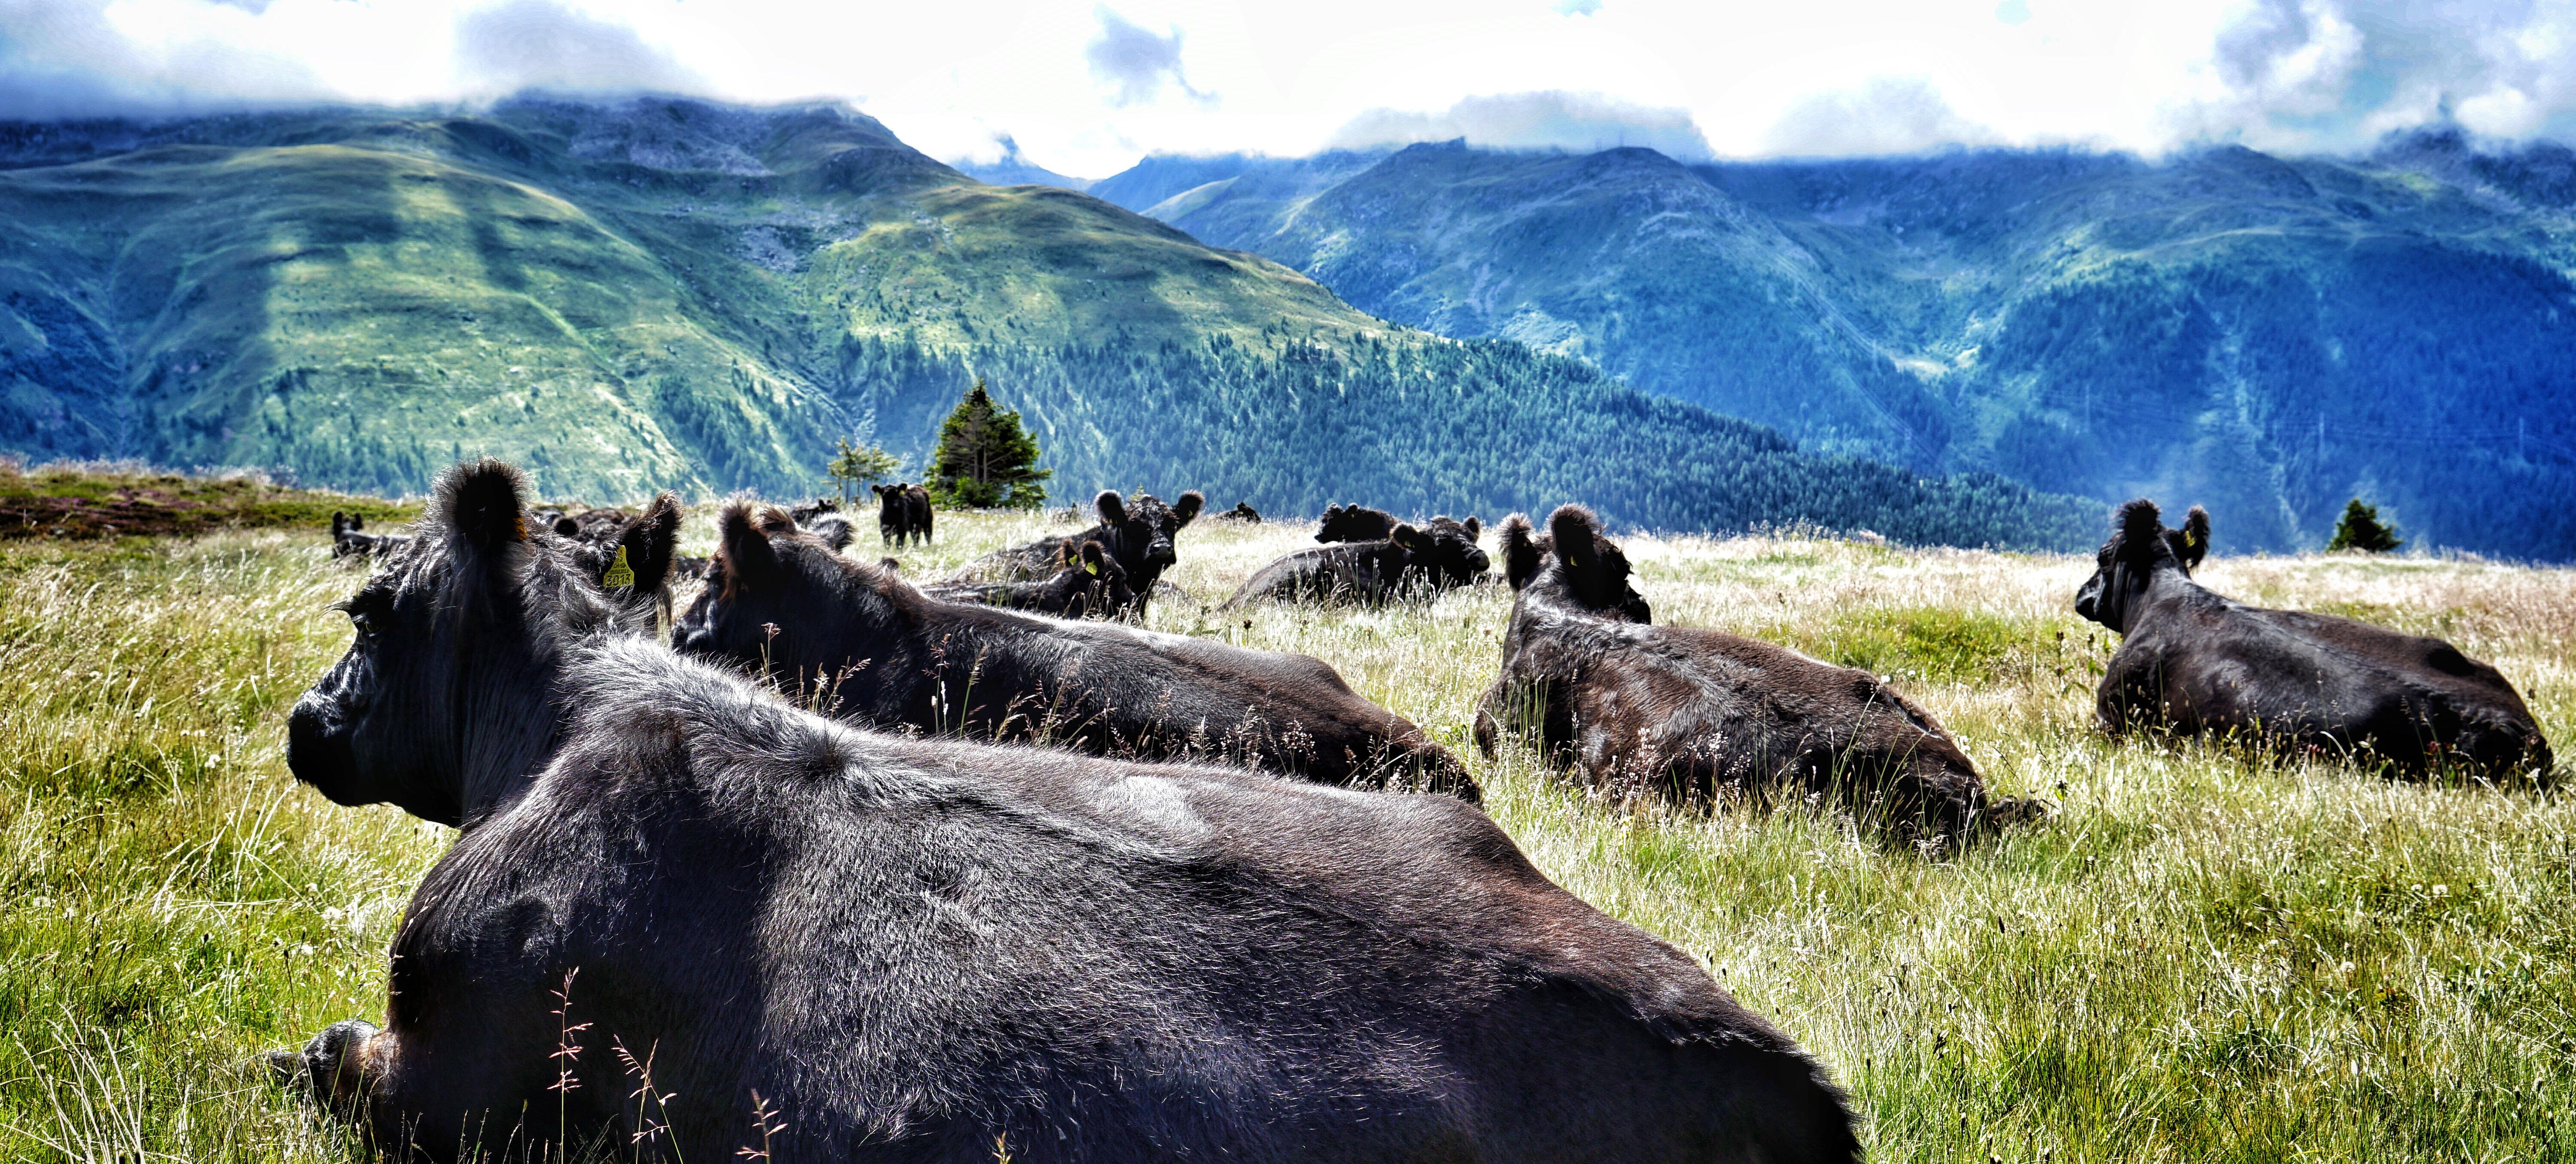 Den Sommer verbringen die Galloway-Rinder auf der Alpe Grimsel.